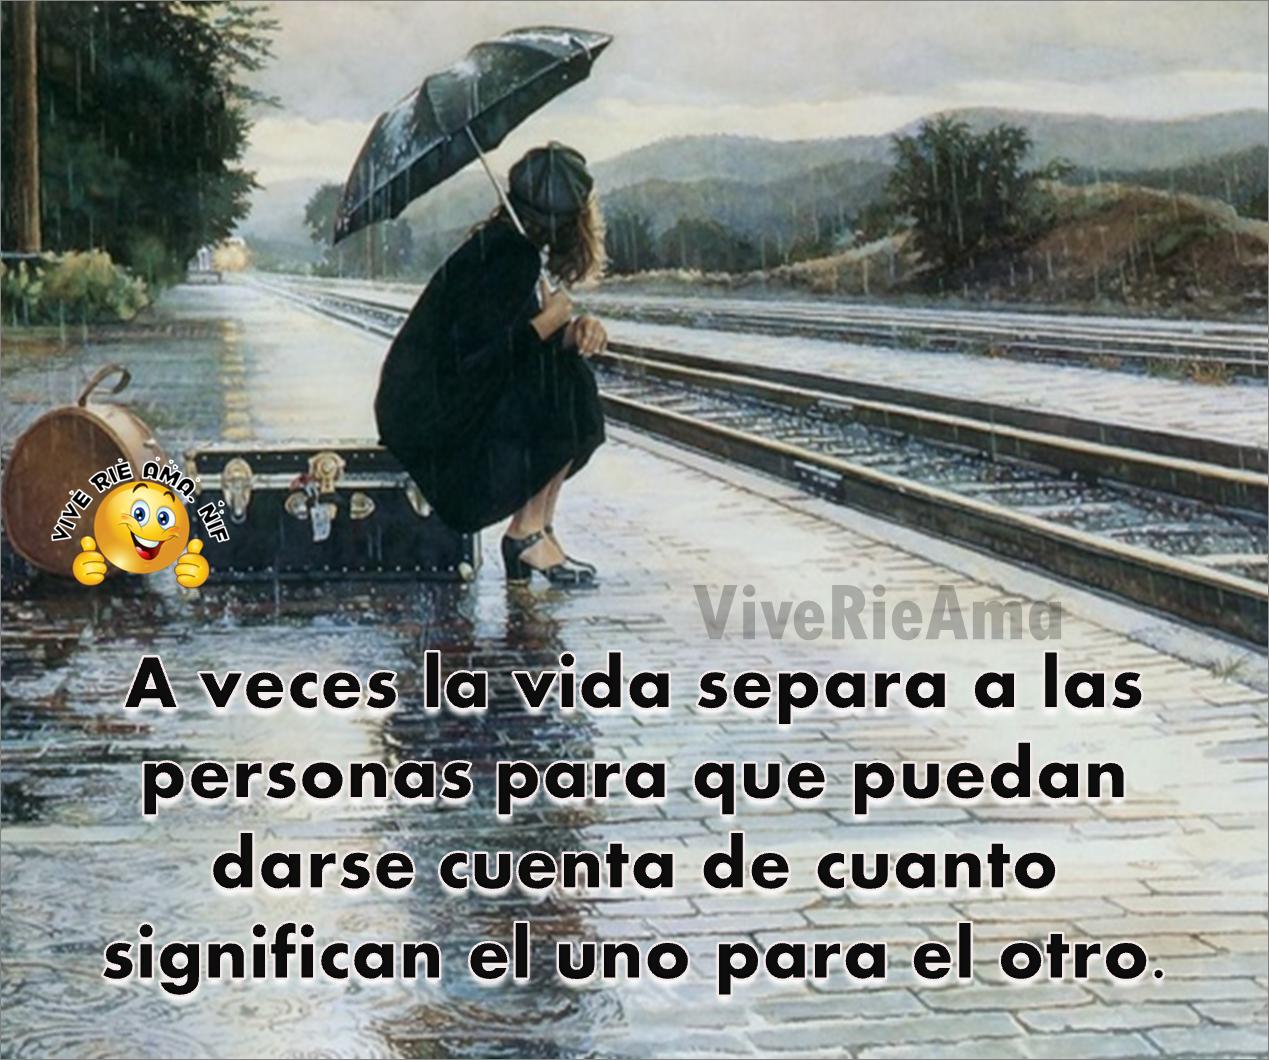 A veces la vida separa a las personas..